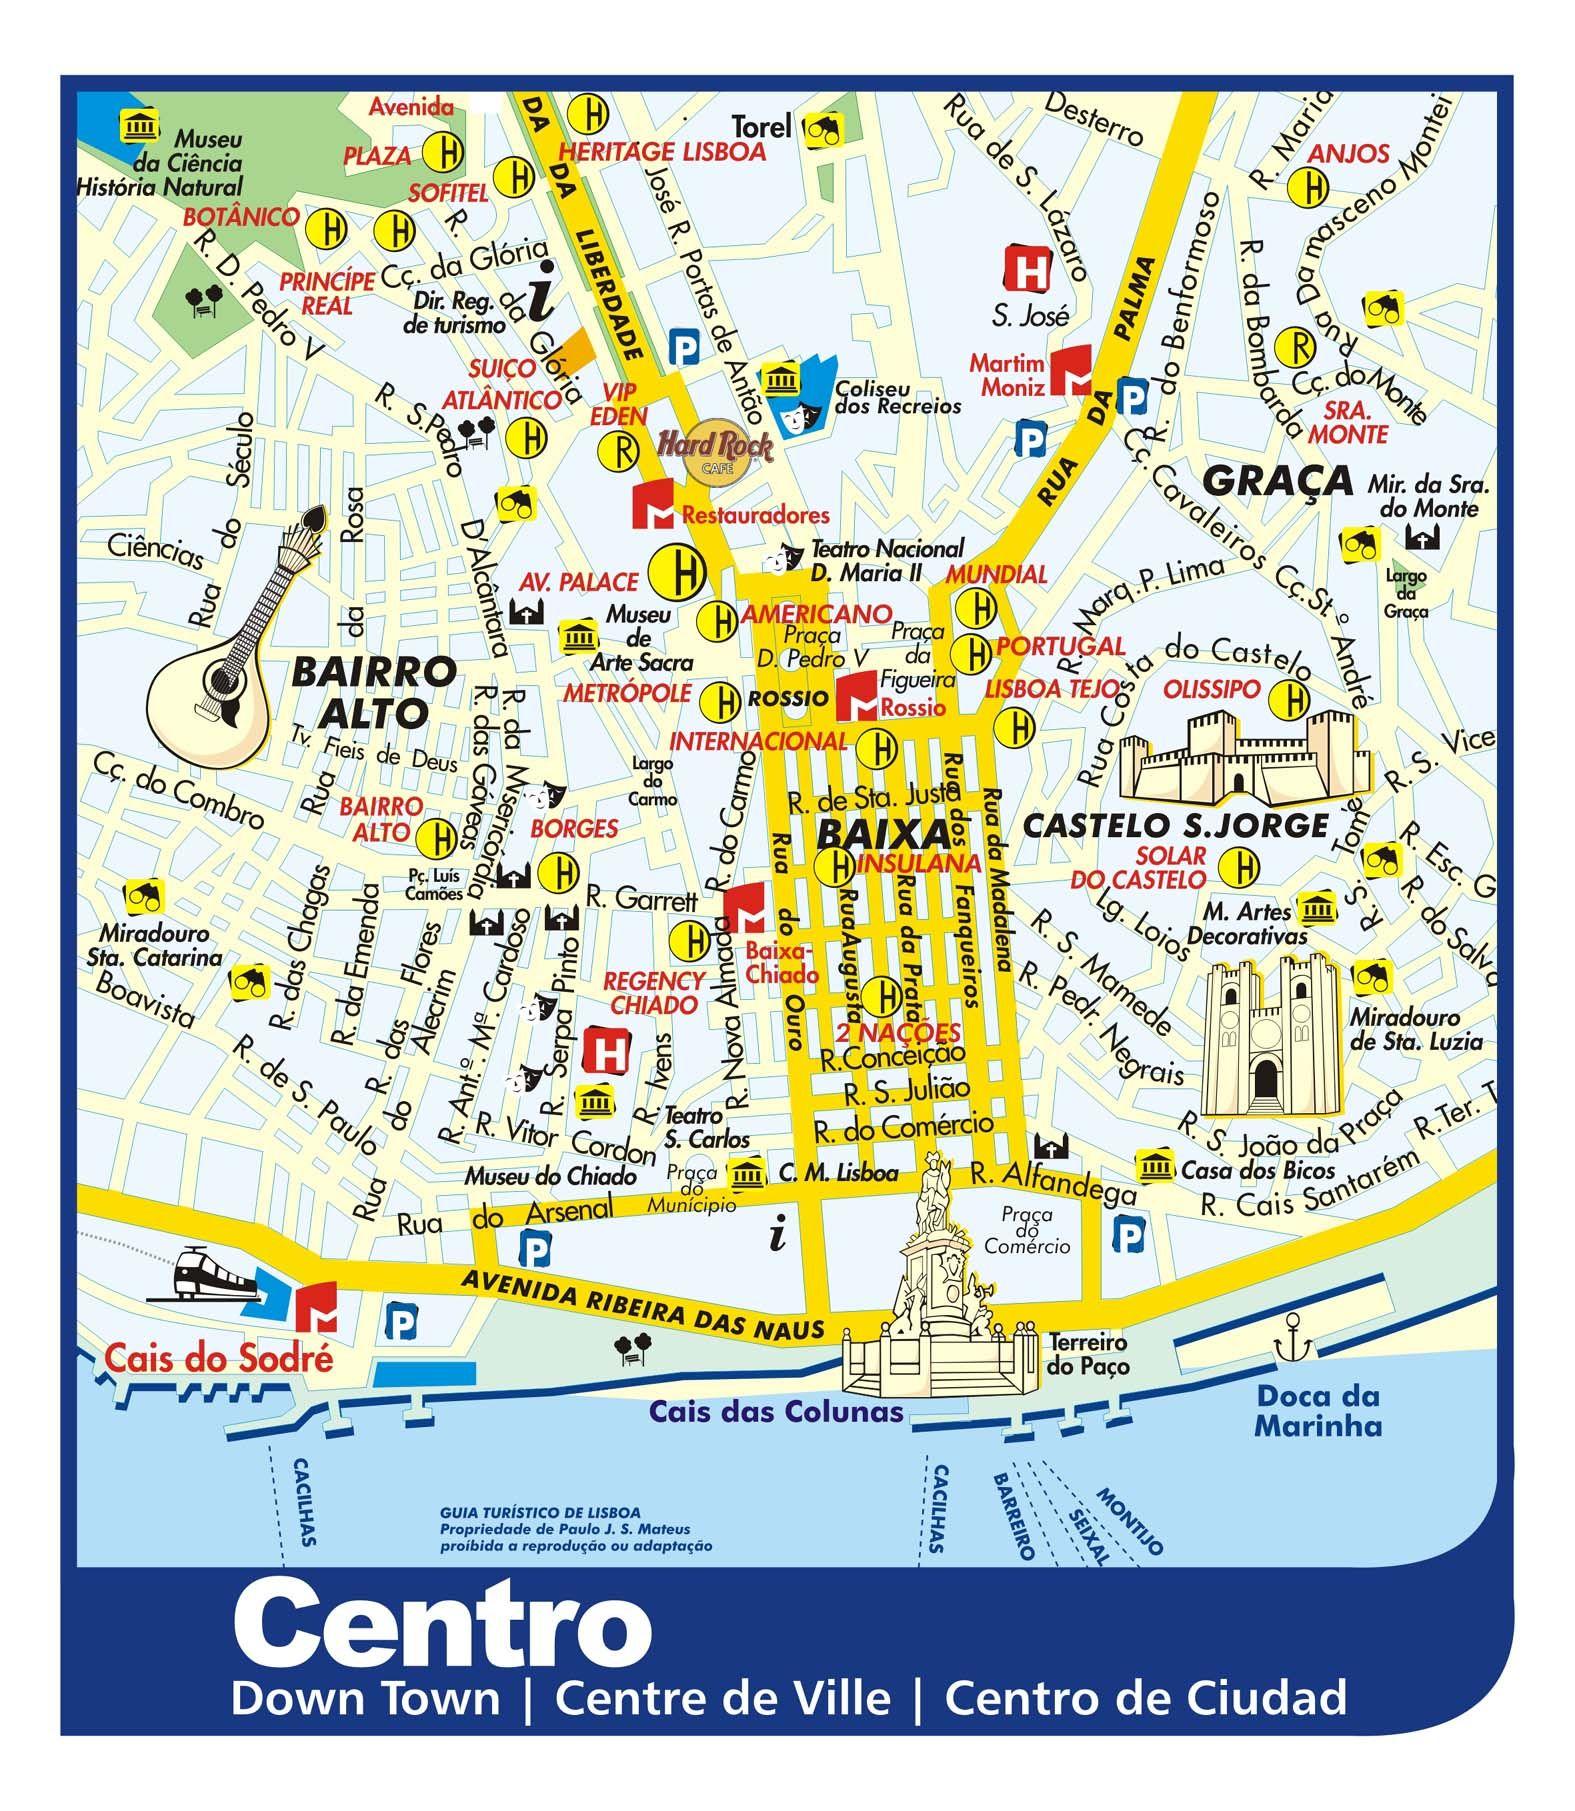 mapa do centro de lisboa Mapa de Monumentos em Lisboa | Centro de lisboa, Lisboa e Roteiro mapa do centro de lisboa